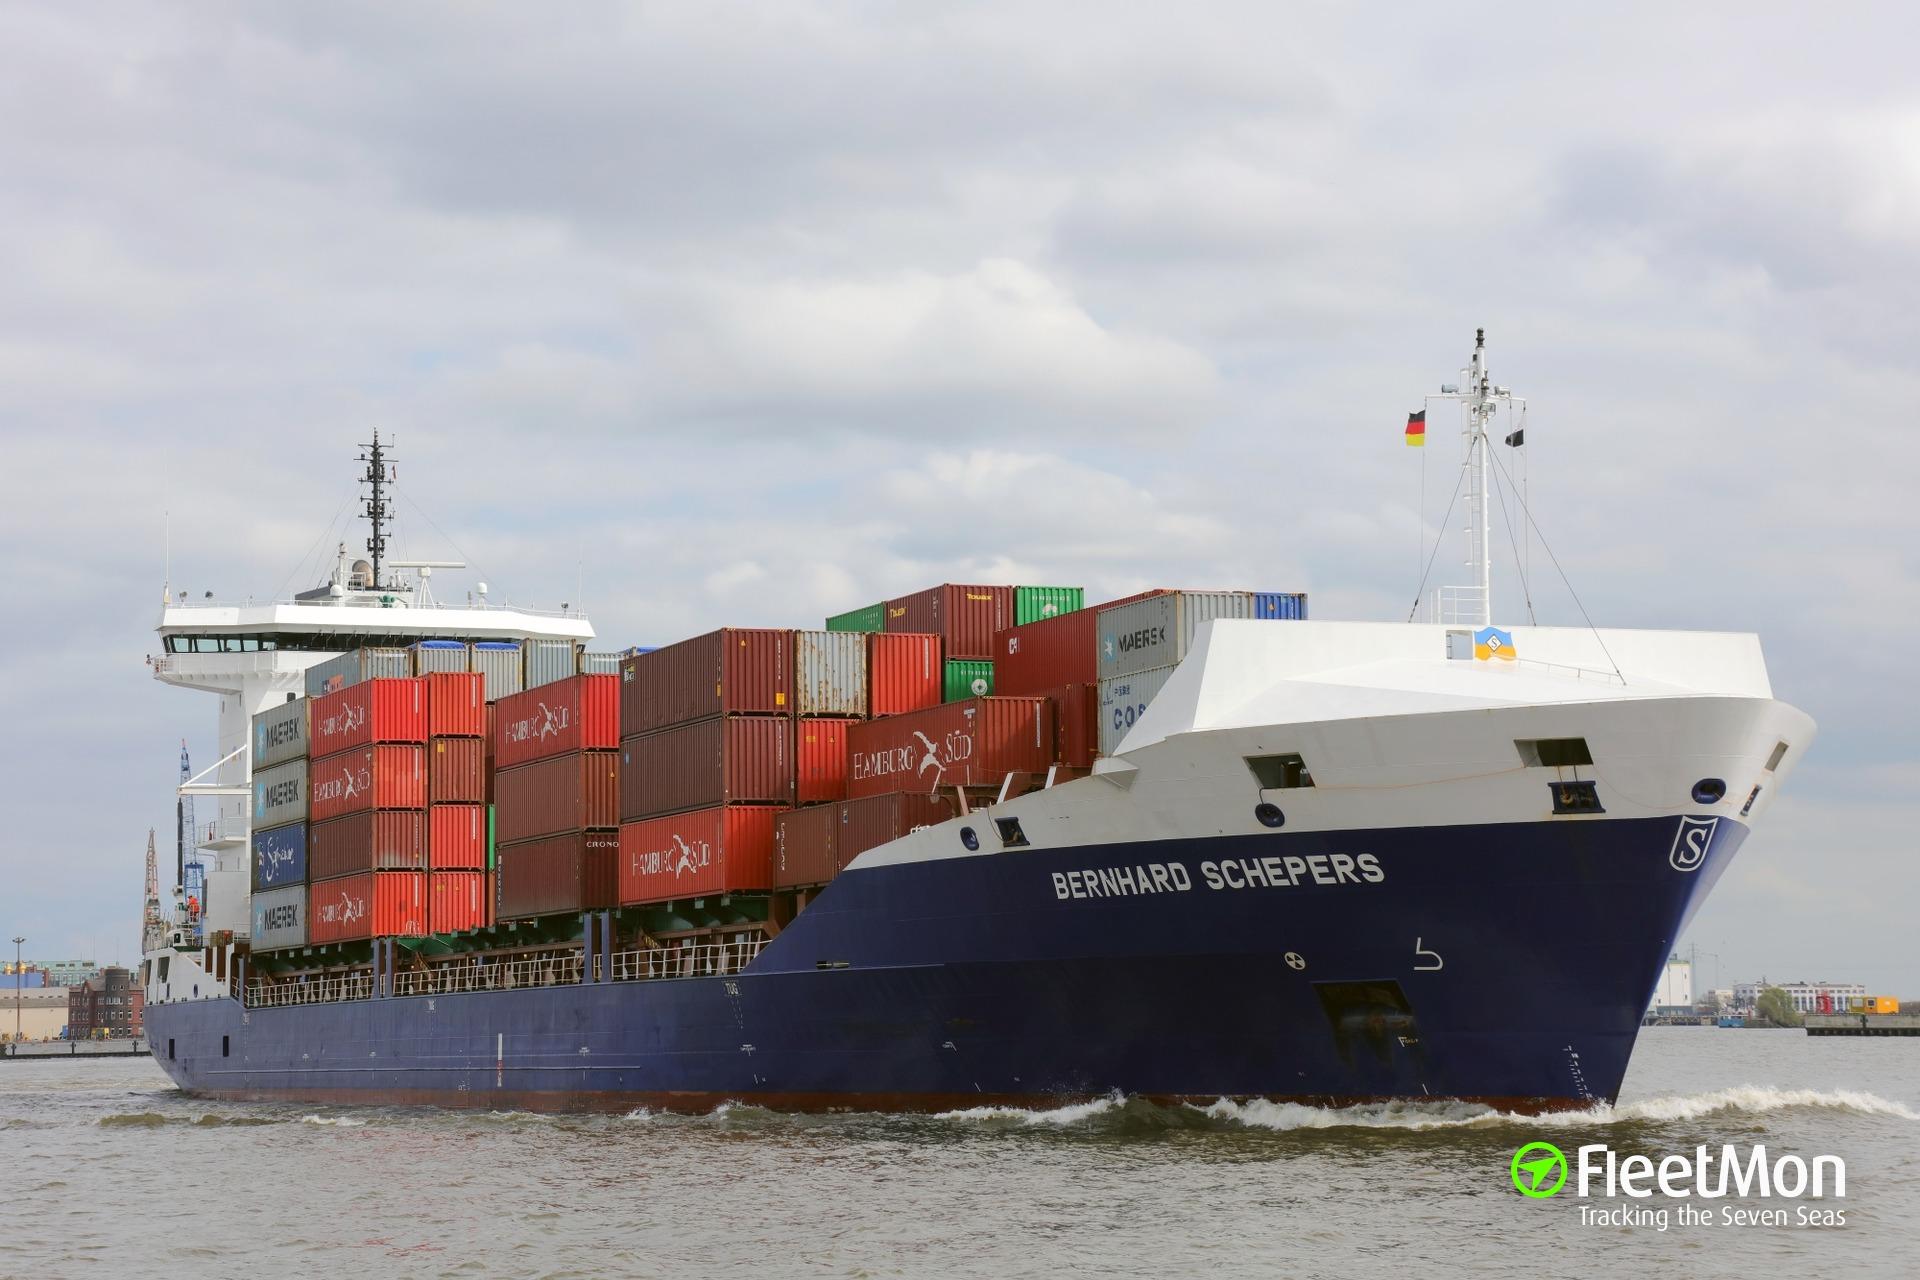 Bernhard Schepers grounding in Kiel Canal